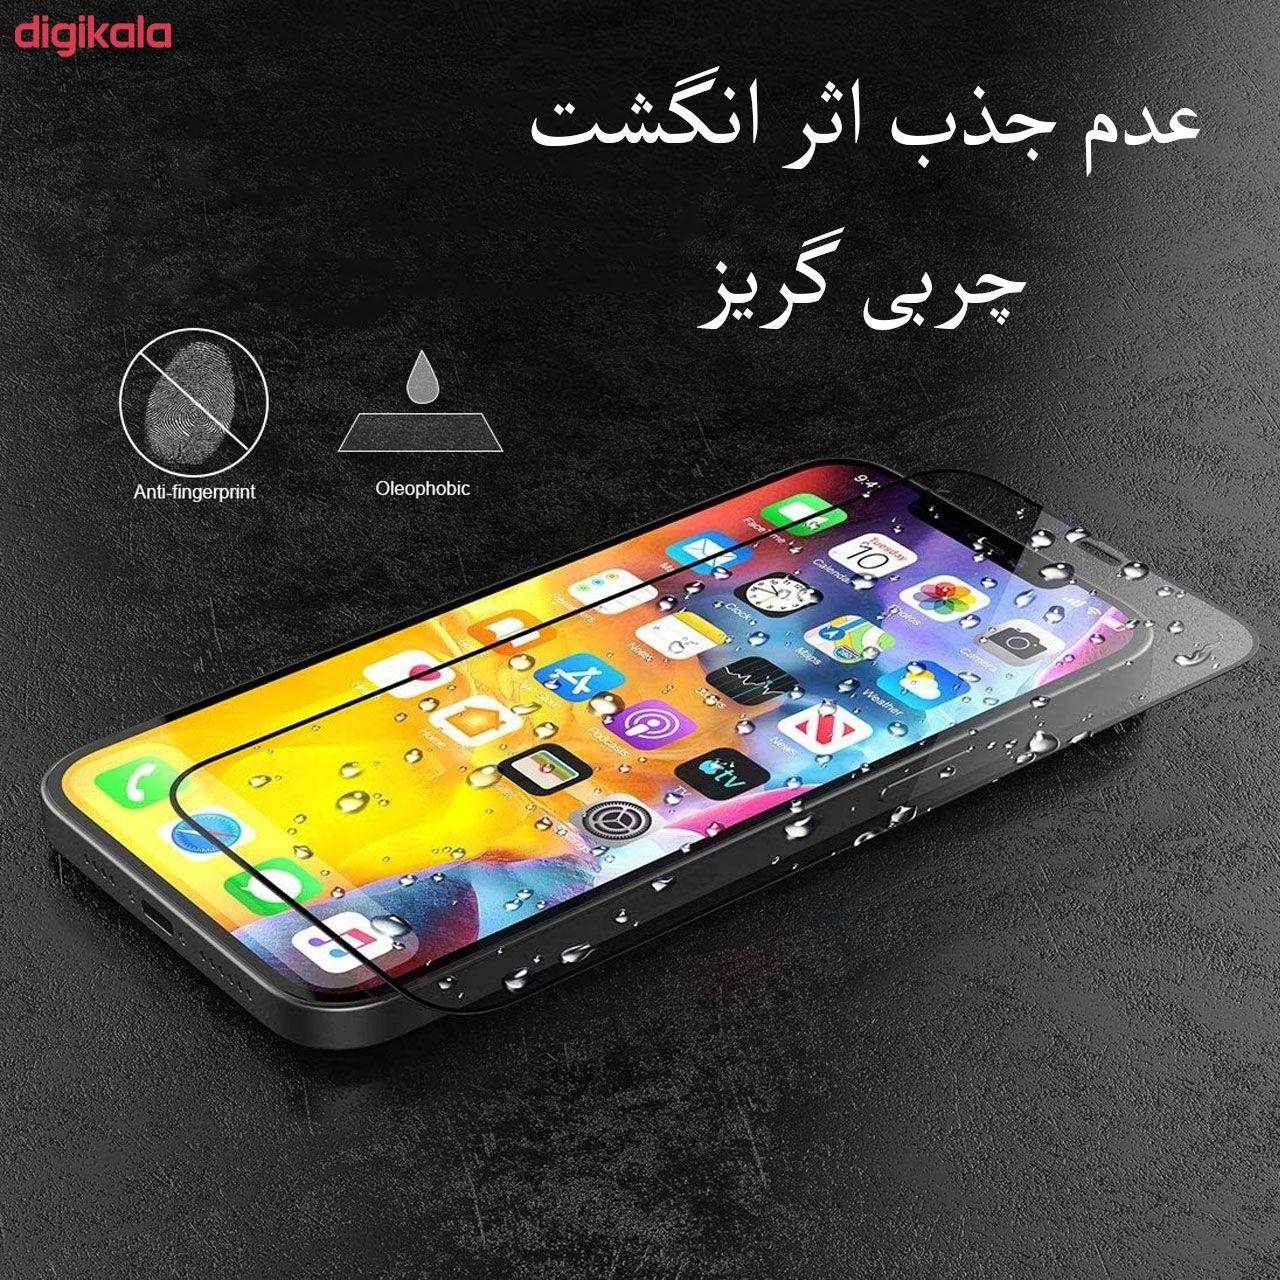 محافظ صفحه نمایش مدل FCG مناسب برای گوشی موبایل اپل iPhone 12 Pro بسته دو عددی main 1 17